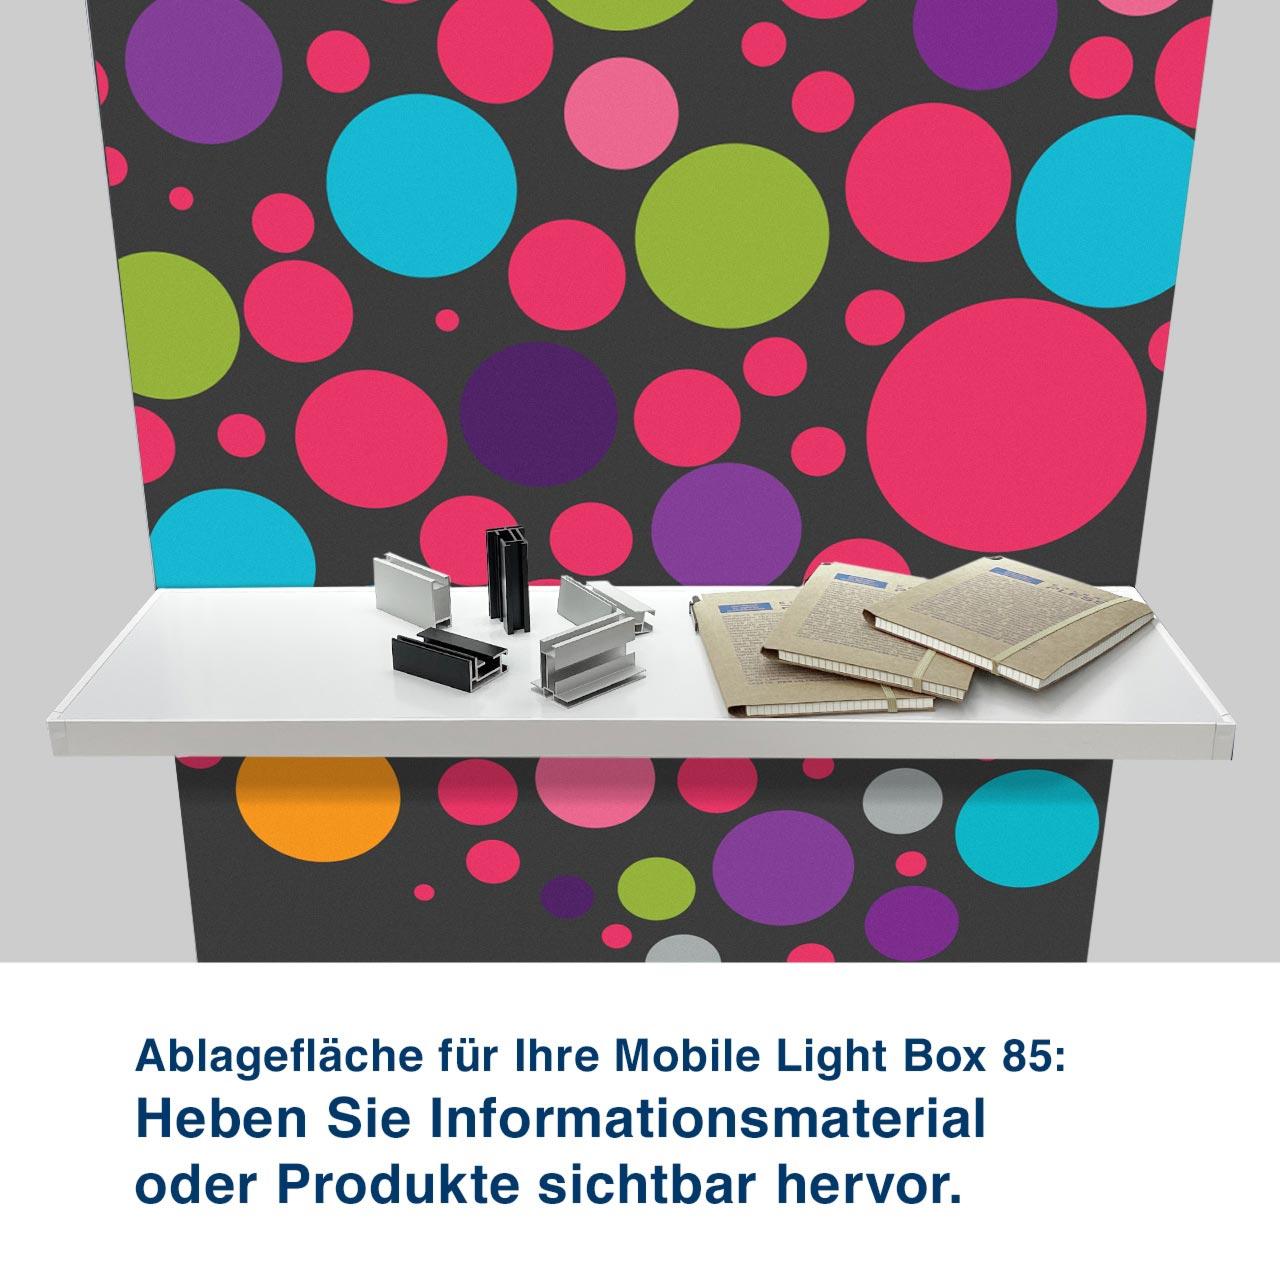 Ablagefläche für Ihre Mobile Light Box 85: Heben Sie Informationsmaterial  oder Produkte sichtbar hervor.